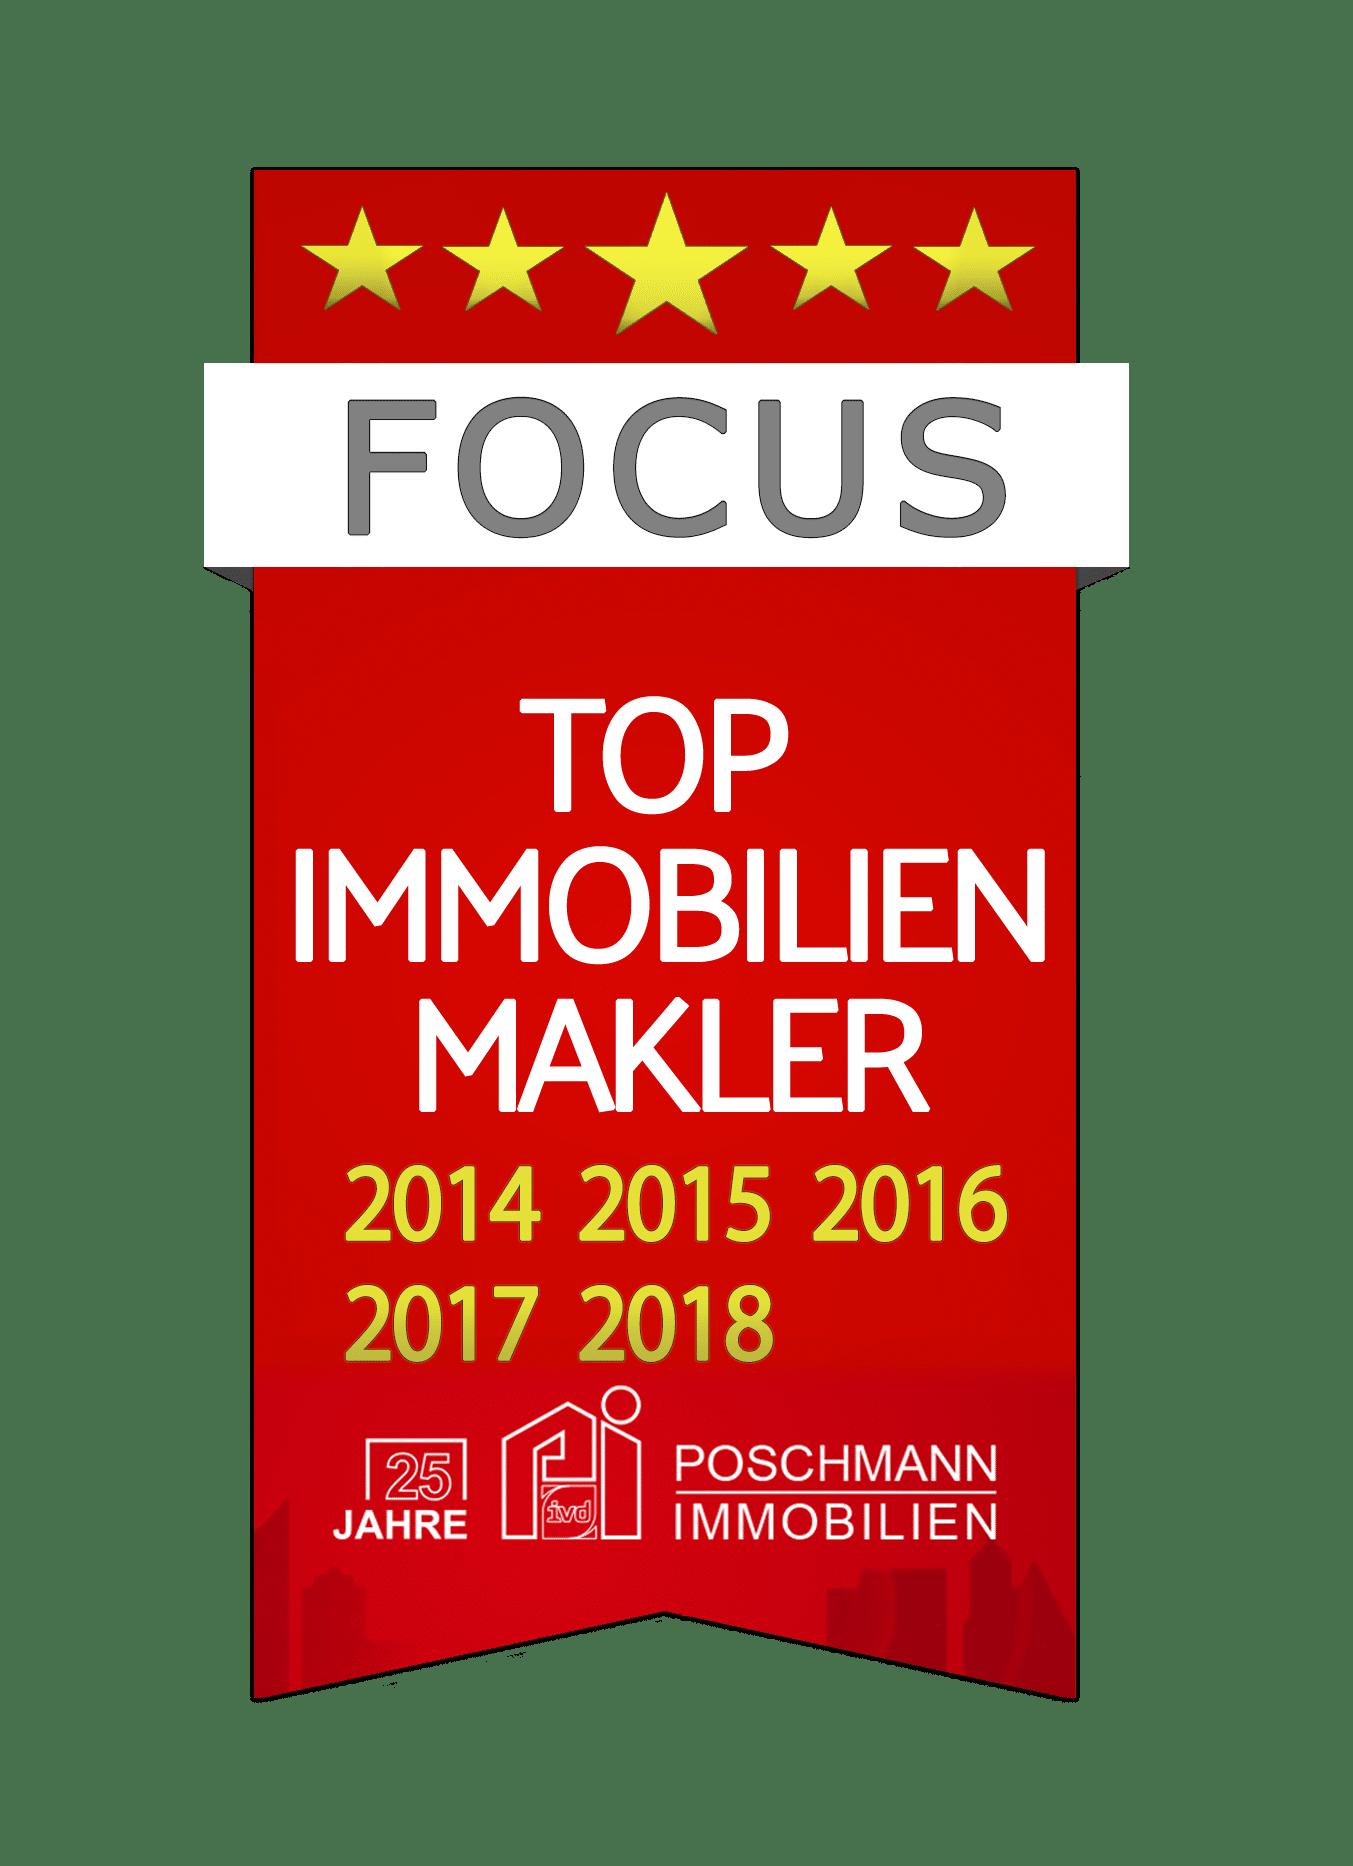 Poschmann Immobilien - Focus Top-Makler 2018